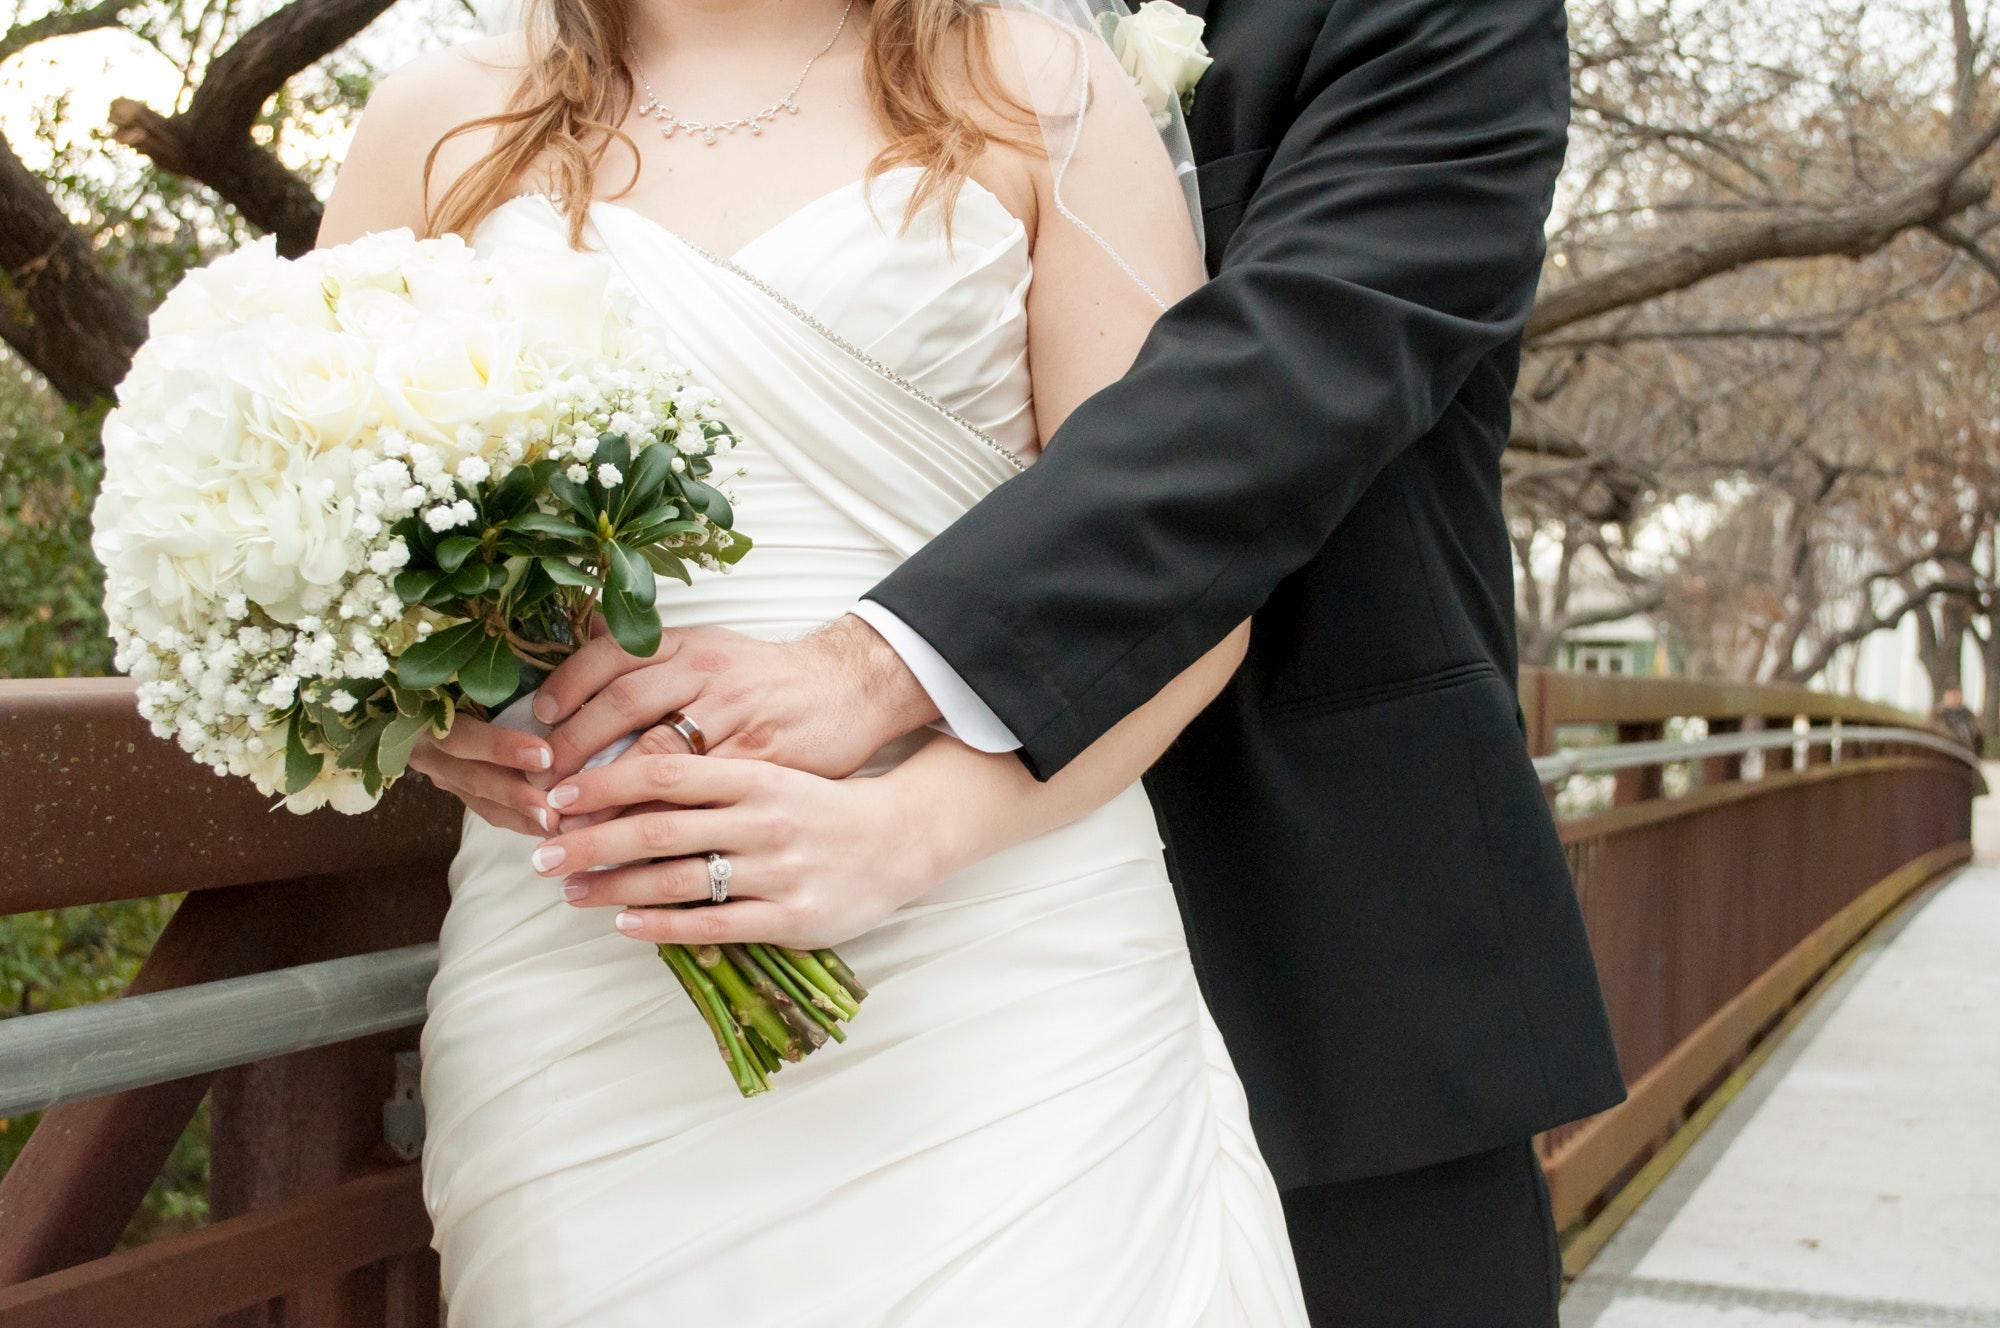 bouquet-bride-bridegroom-19639.jpg